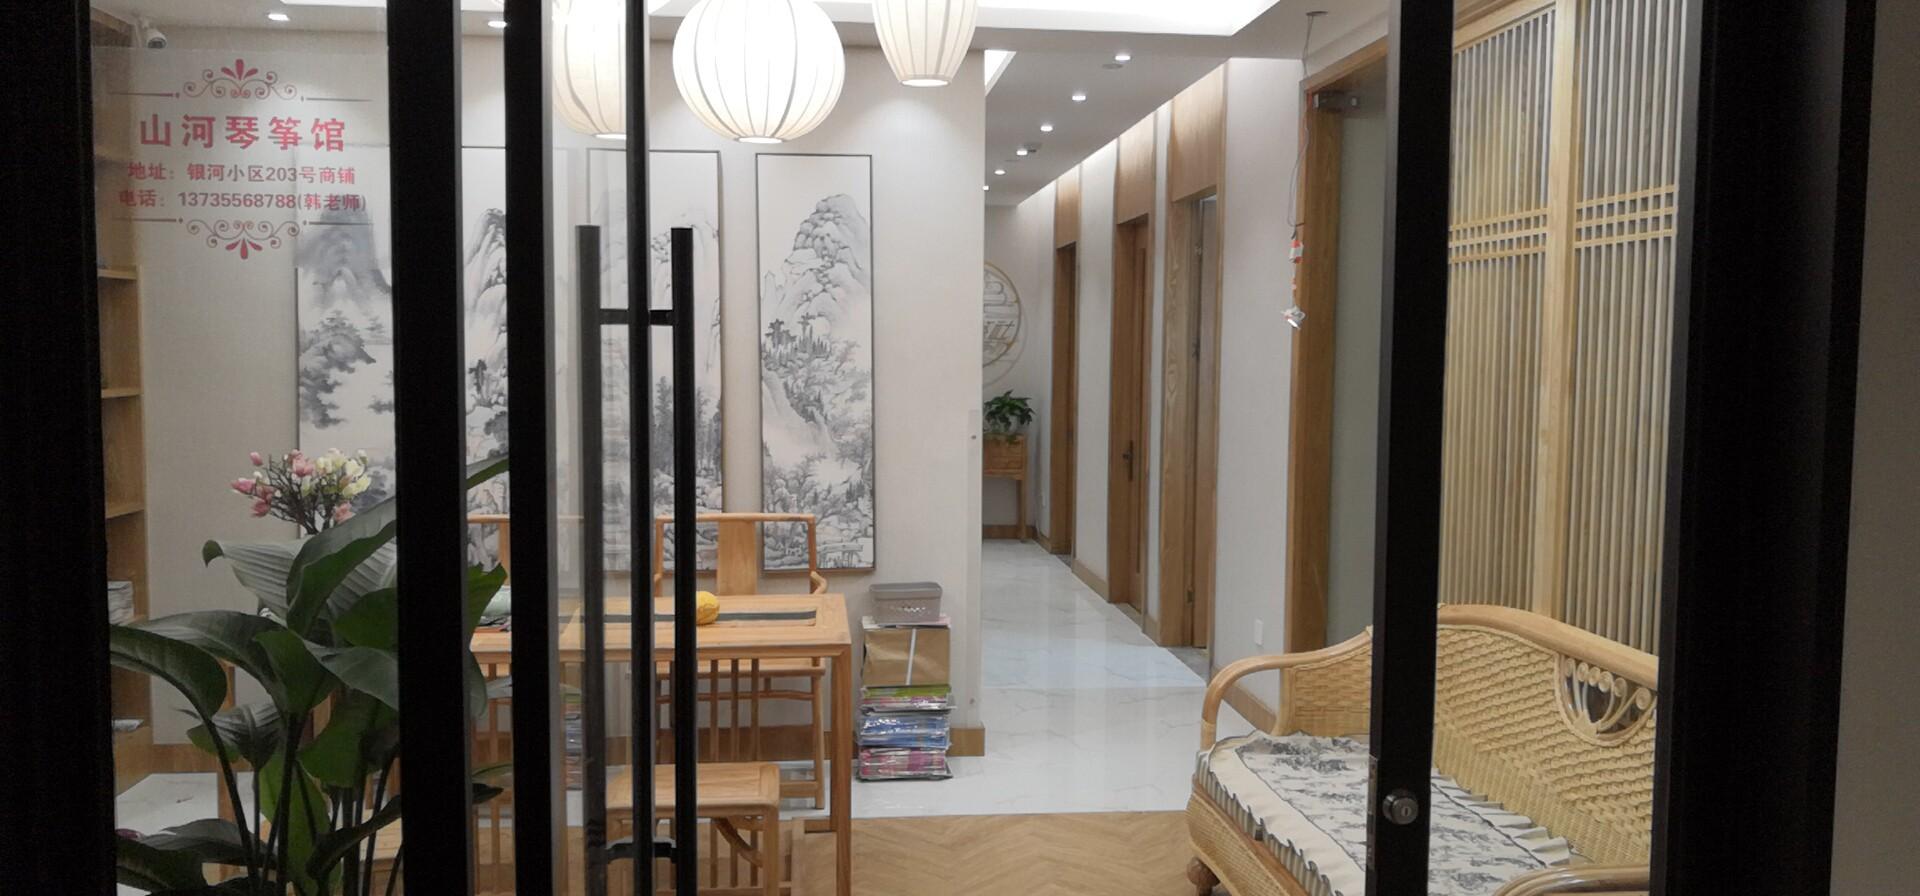 杭州万象汇小区在建工地